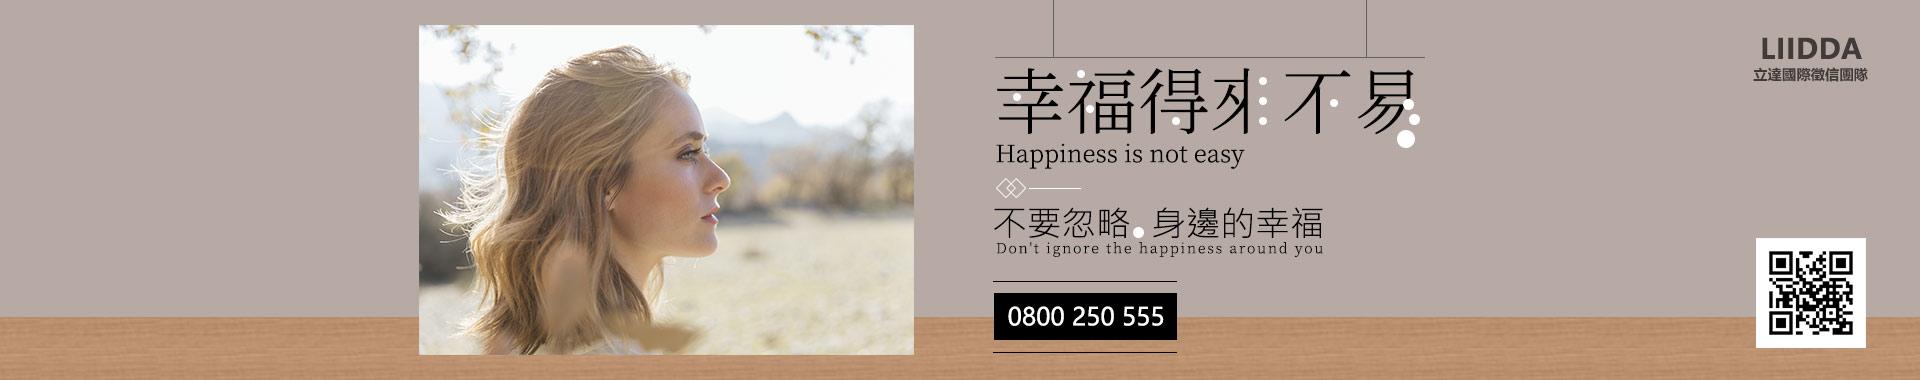 立達徵信社告訴您幸福何處尋